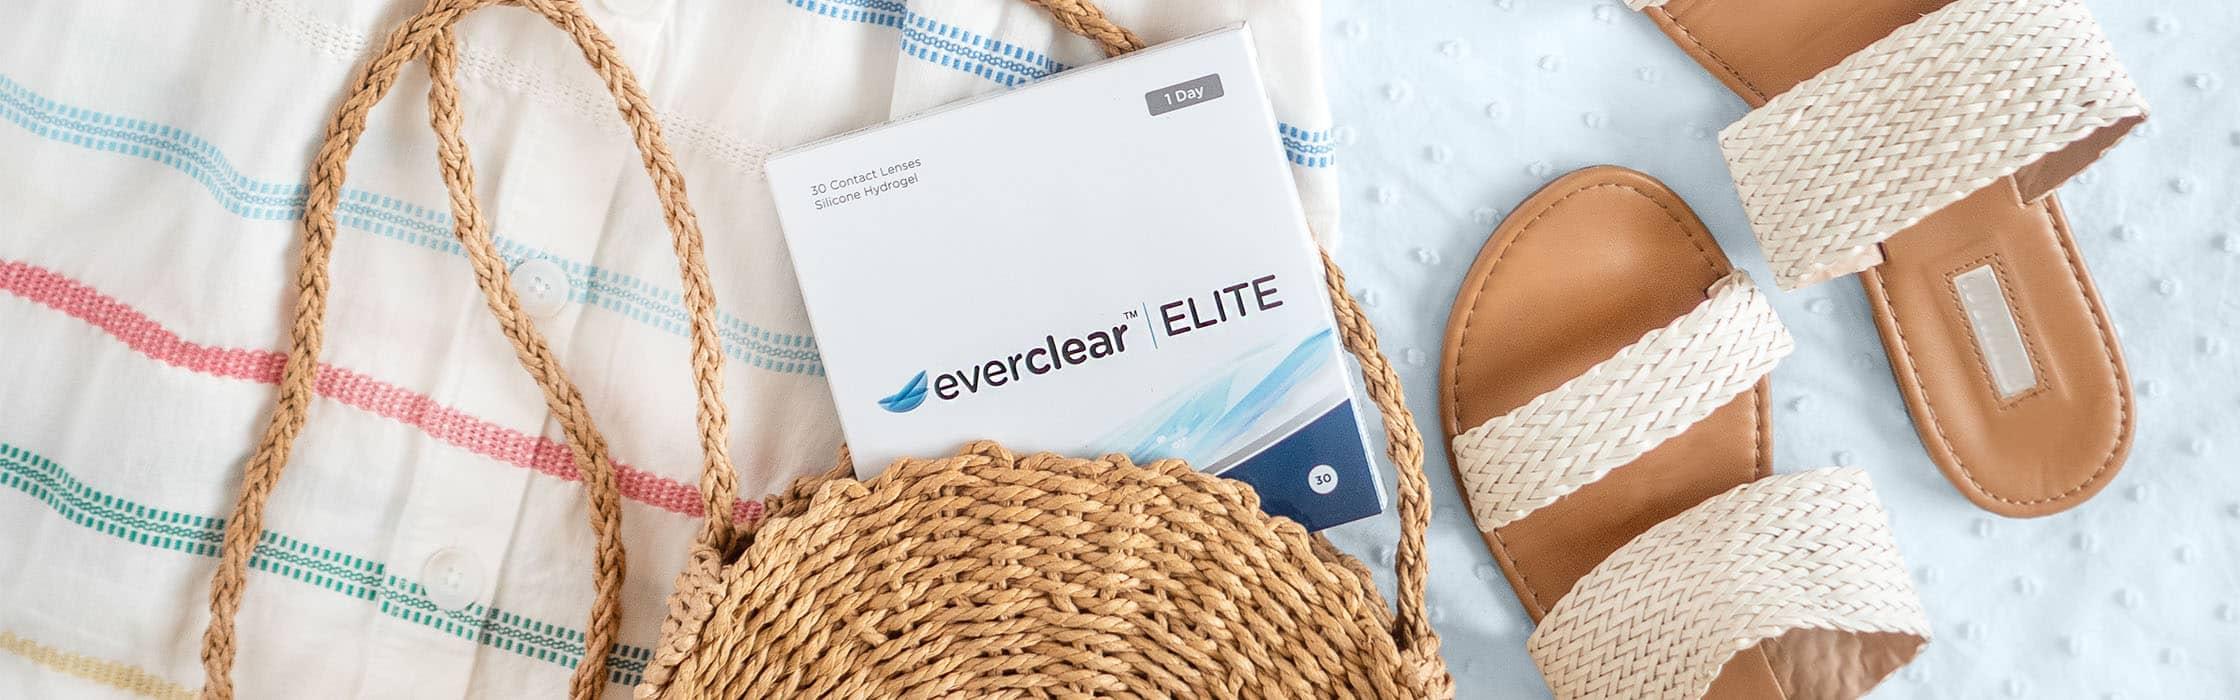 Een doosje everclear ELITE lenzen met een rieten tas en sandalen